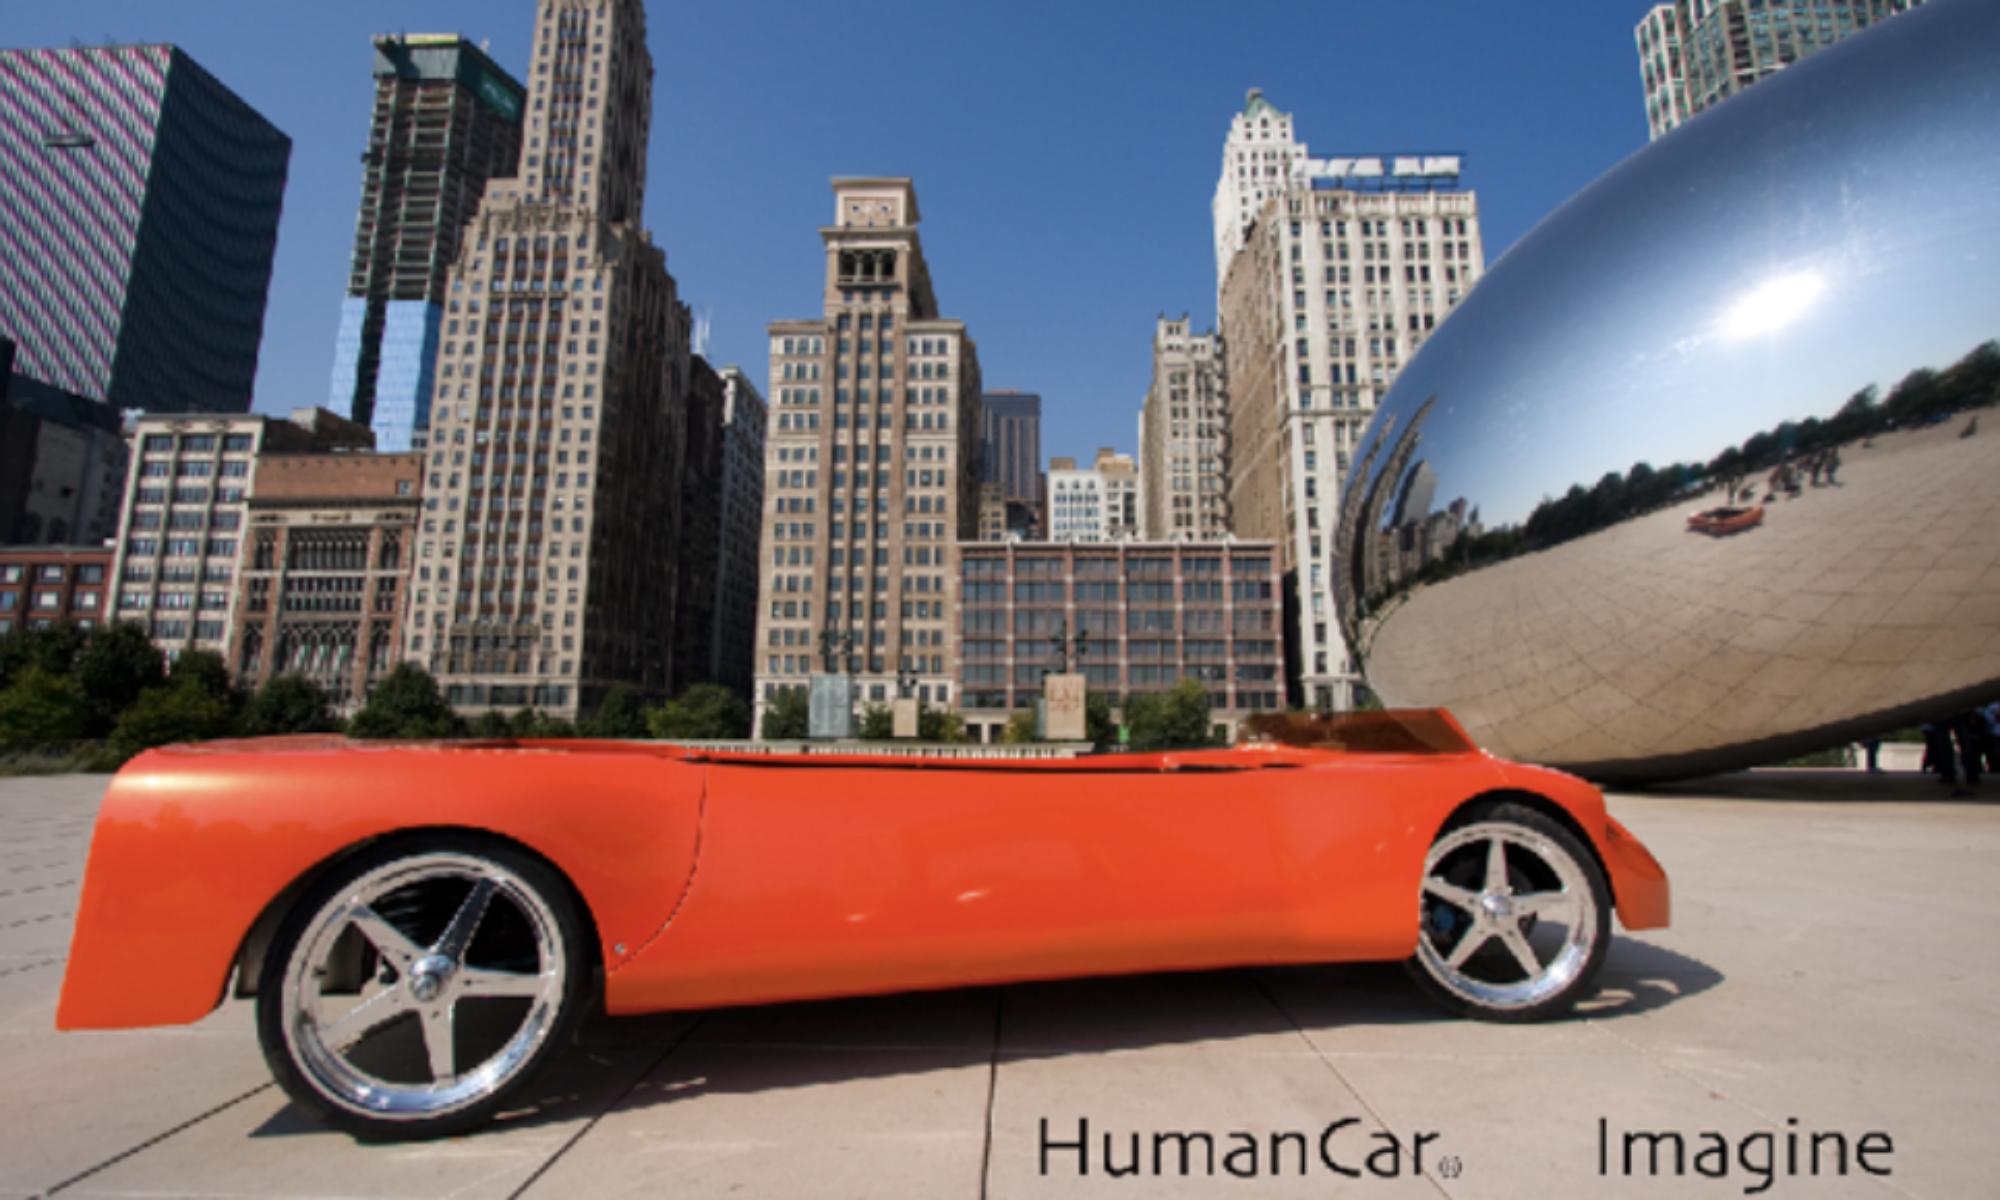 HumanCar, Inc.